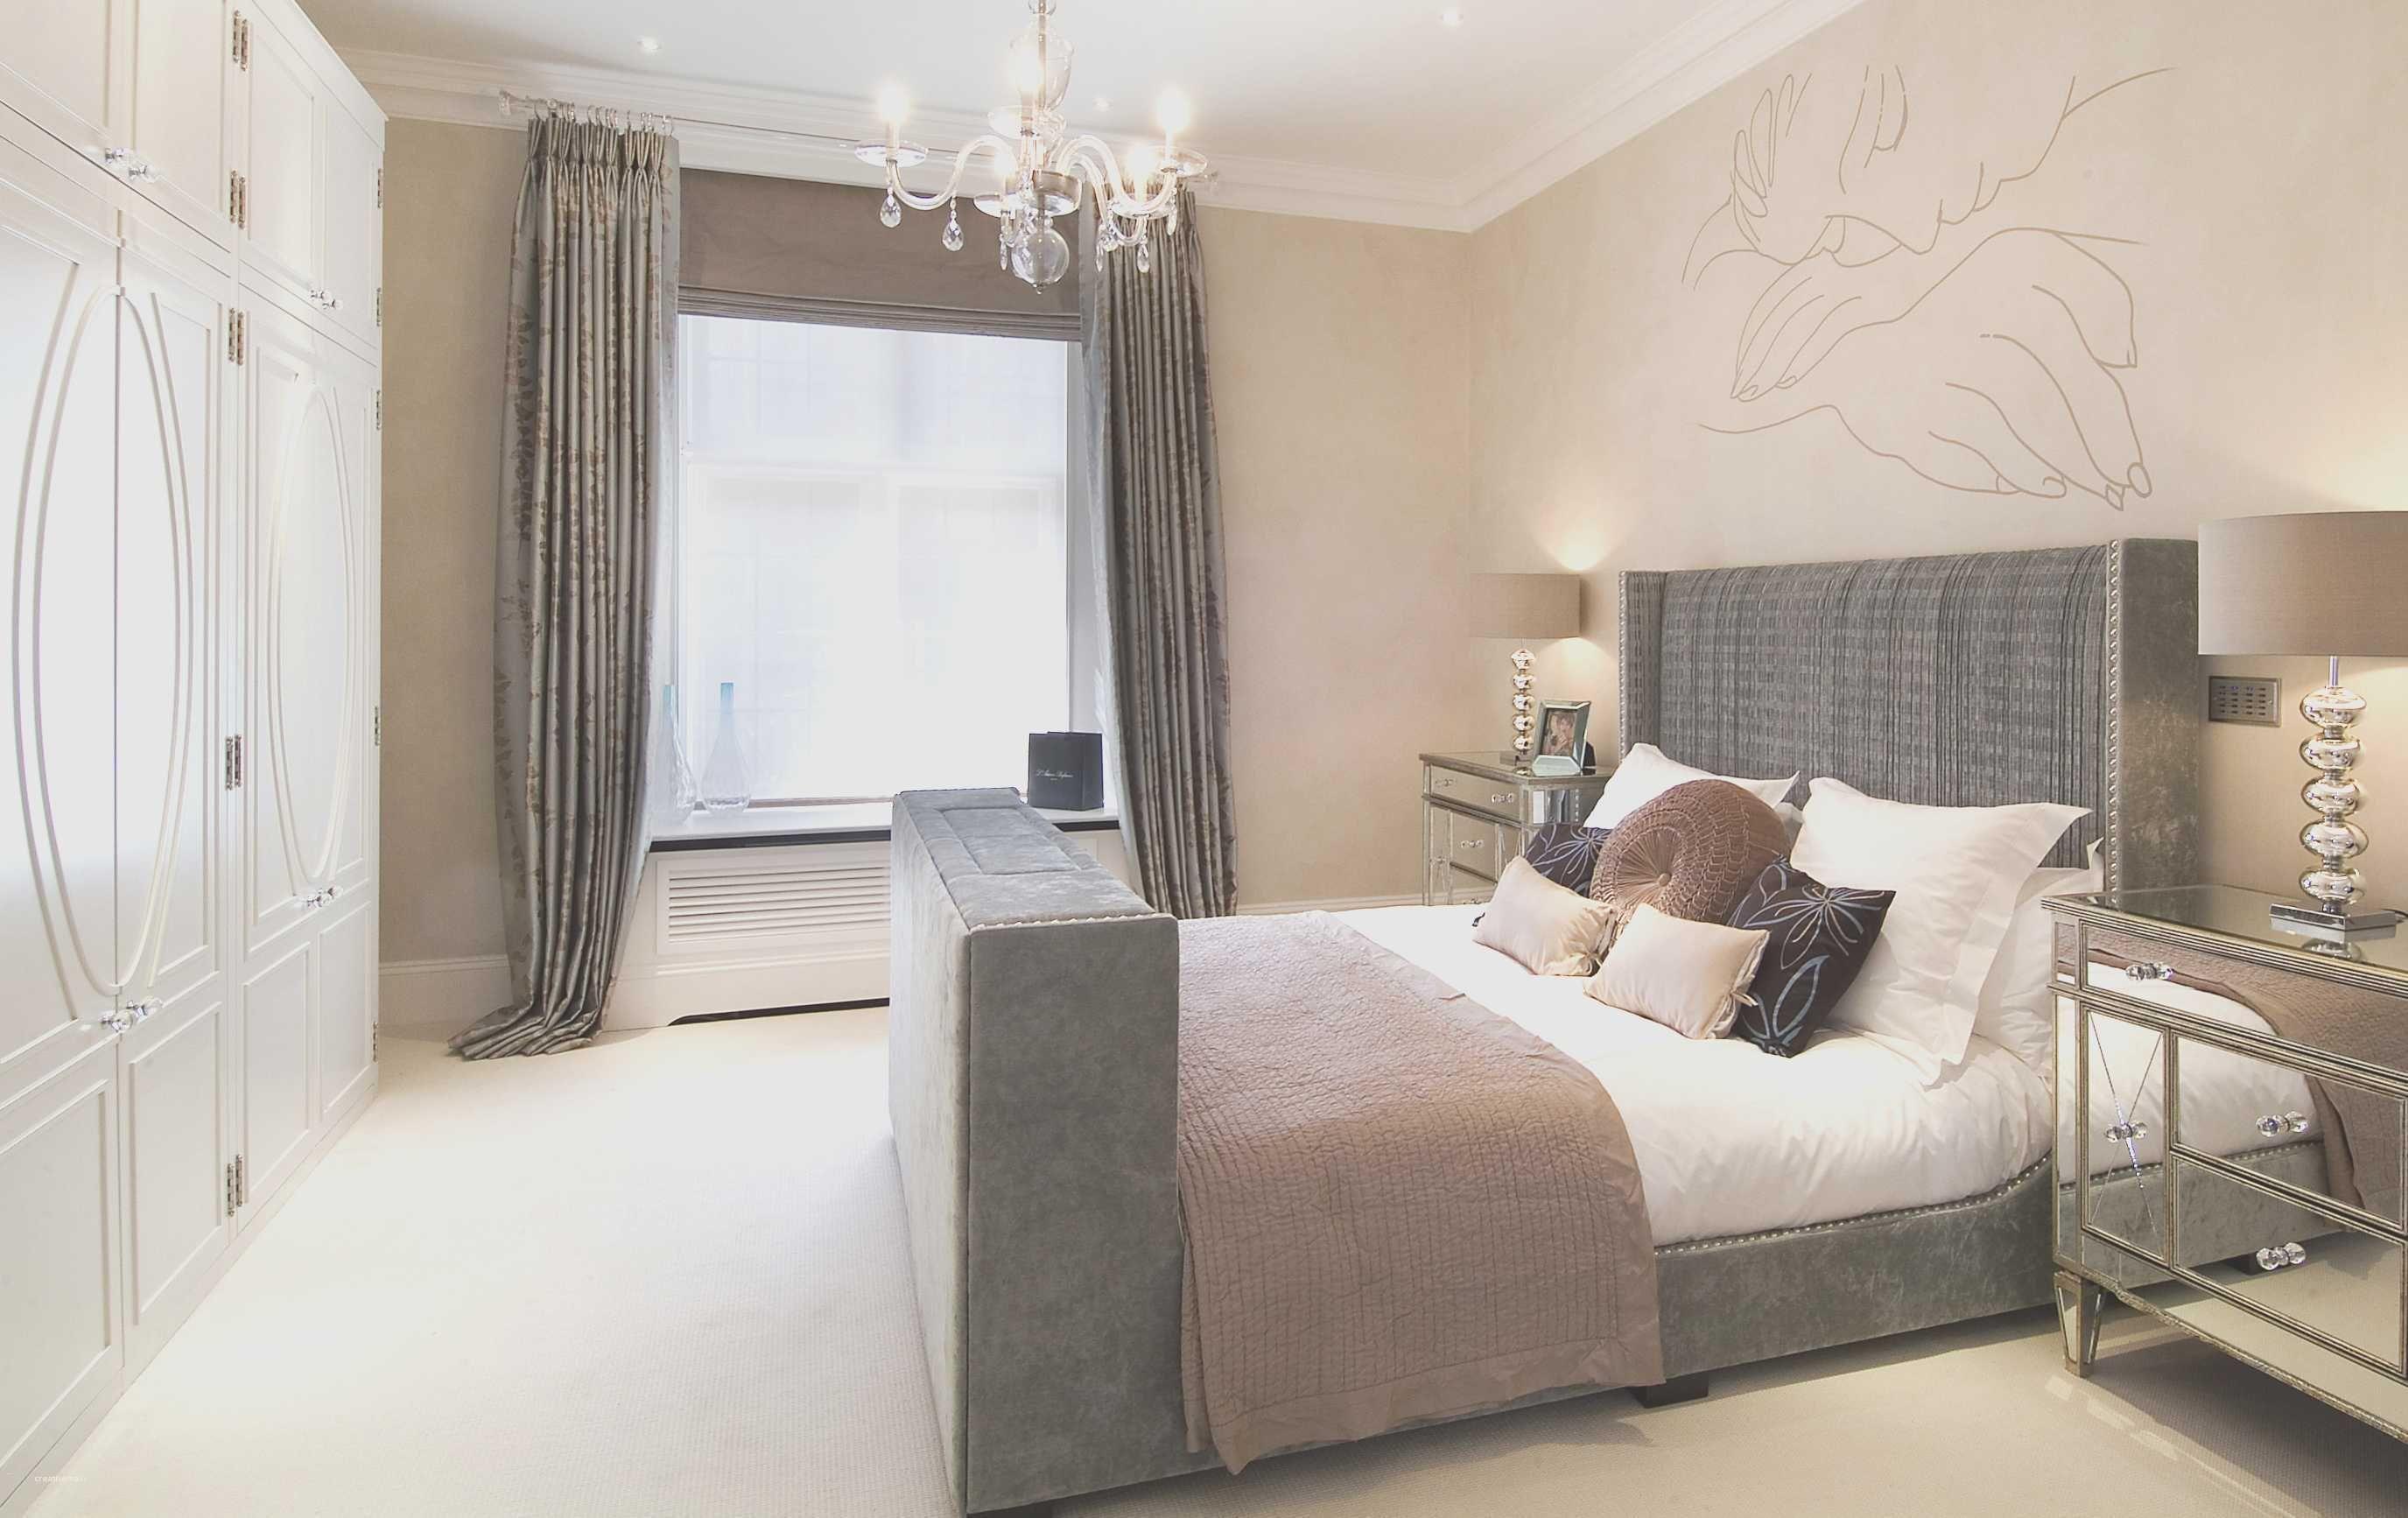 Modern Mansion Master Bedroom with Tv Unique Modern Mansion Master